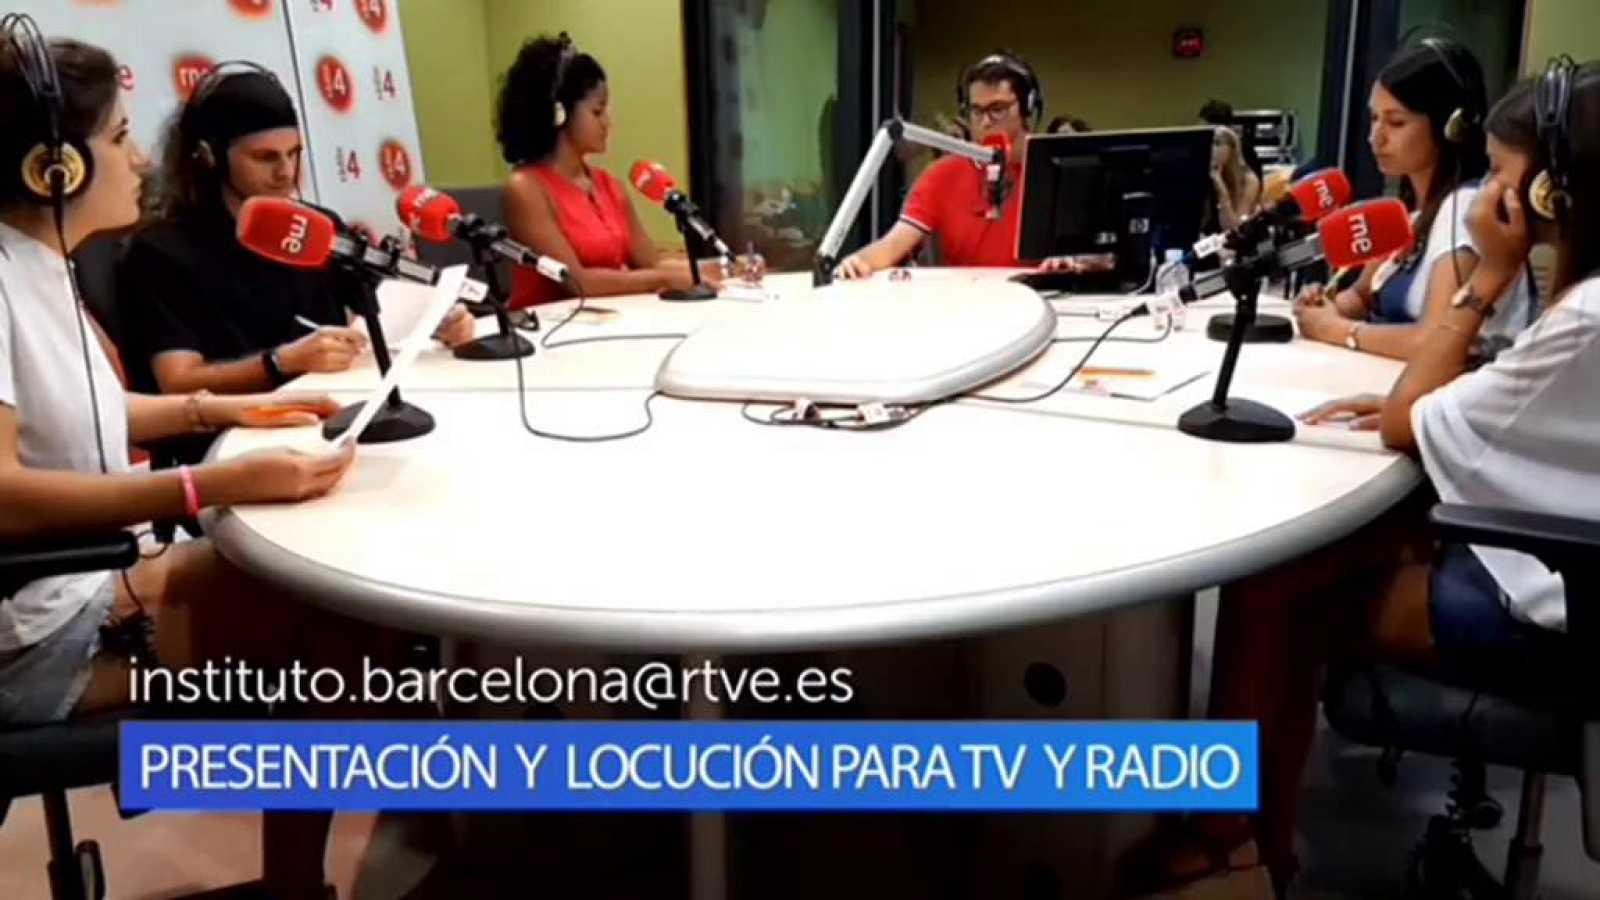 Curso de locución y presentación de TV y radio en el IRTVE, este mes de julio